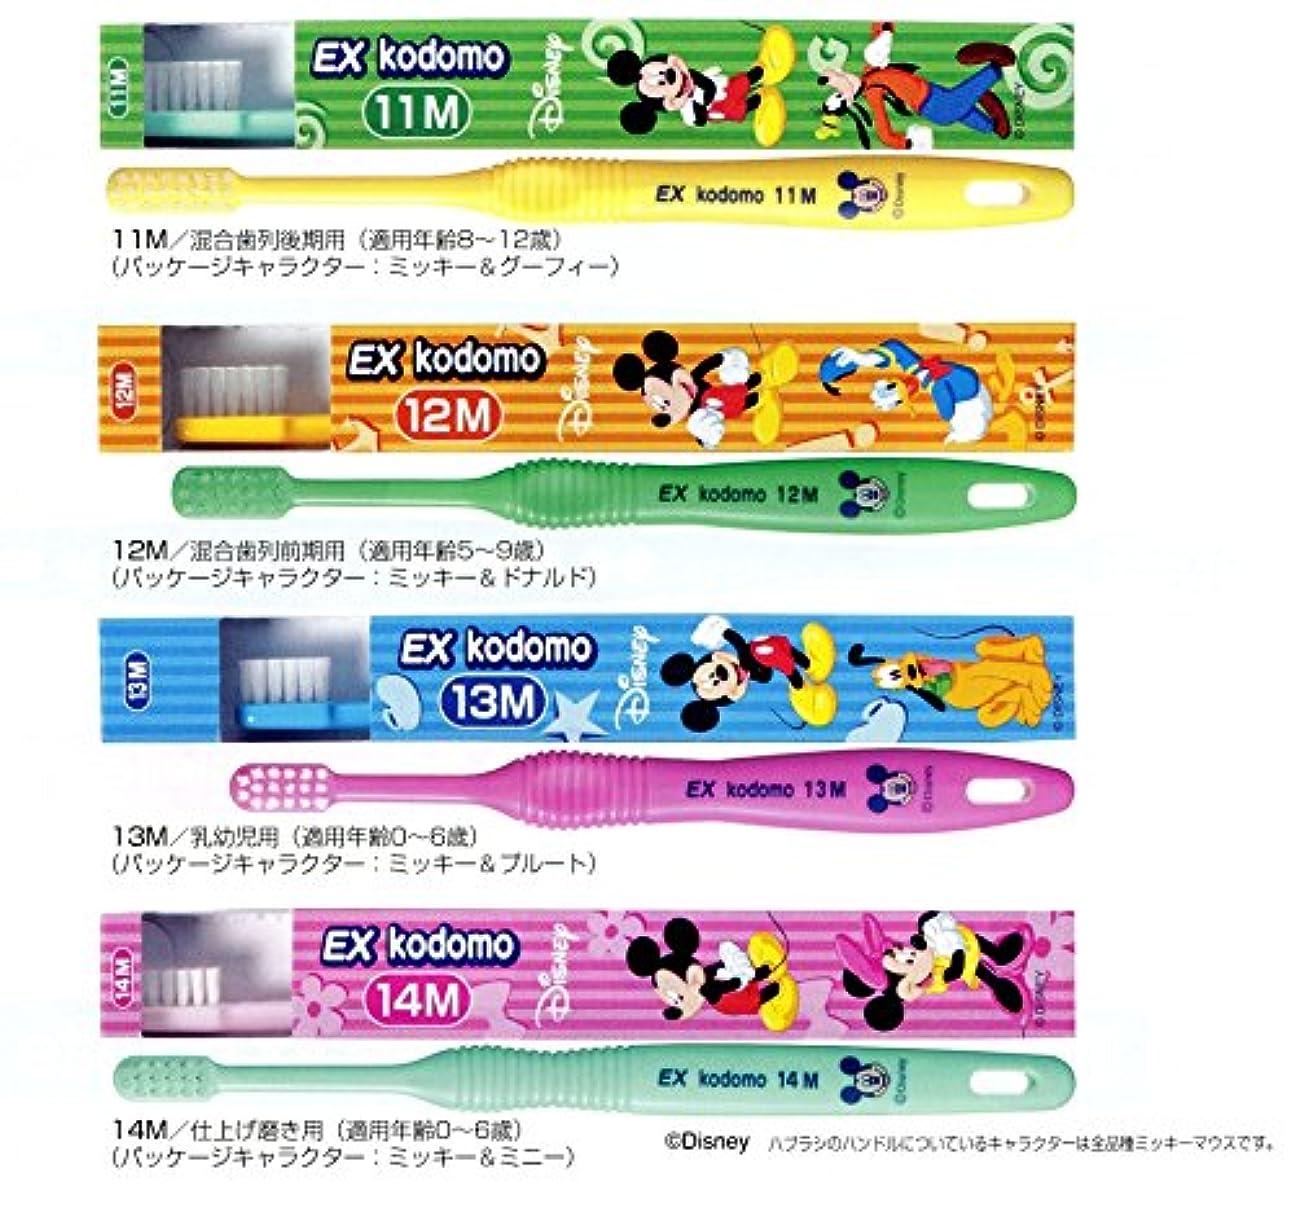 キノコアドバンテージアサートライオン コドモ ディズニー DENT.EX kodomo Disney 1本 11M イエロー (8?12歳)